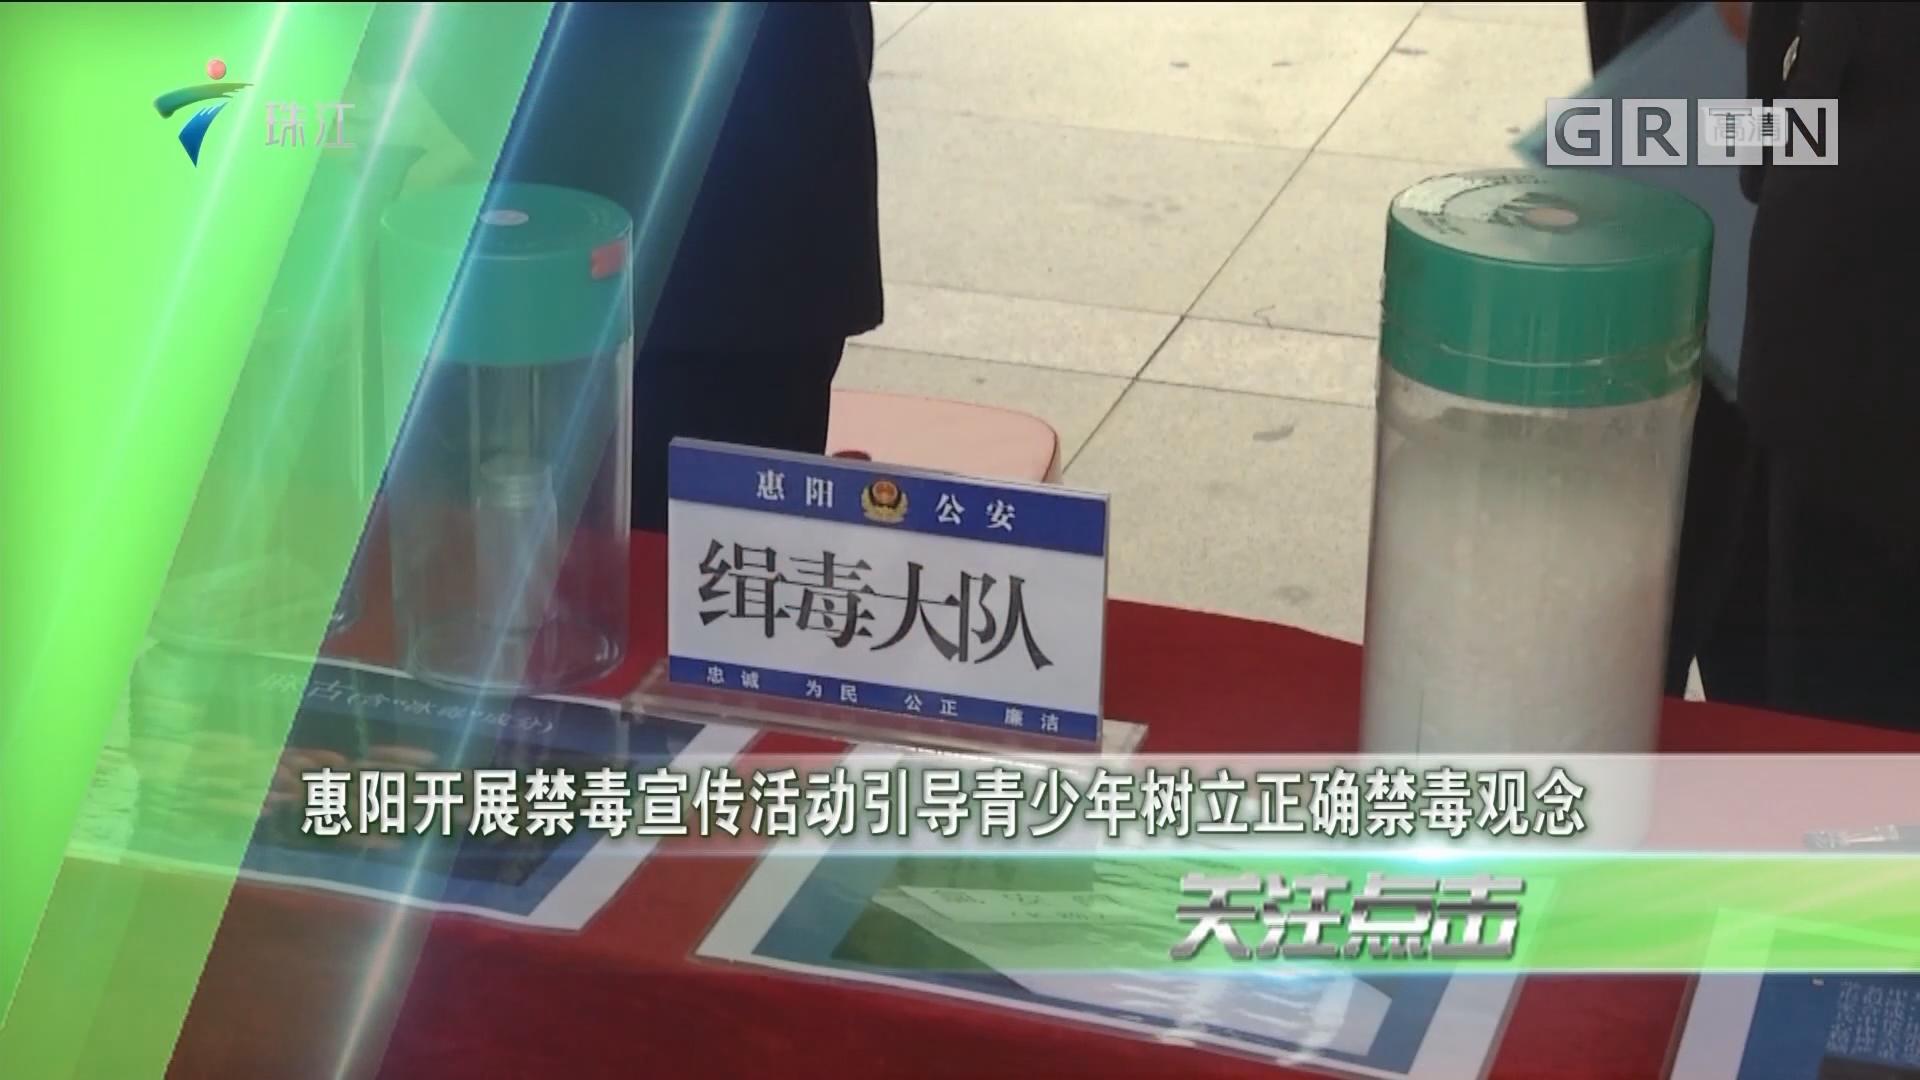 惠阳开展禁毒宣传活动引导青少年树立正确禁毒观念